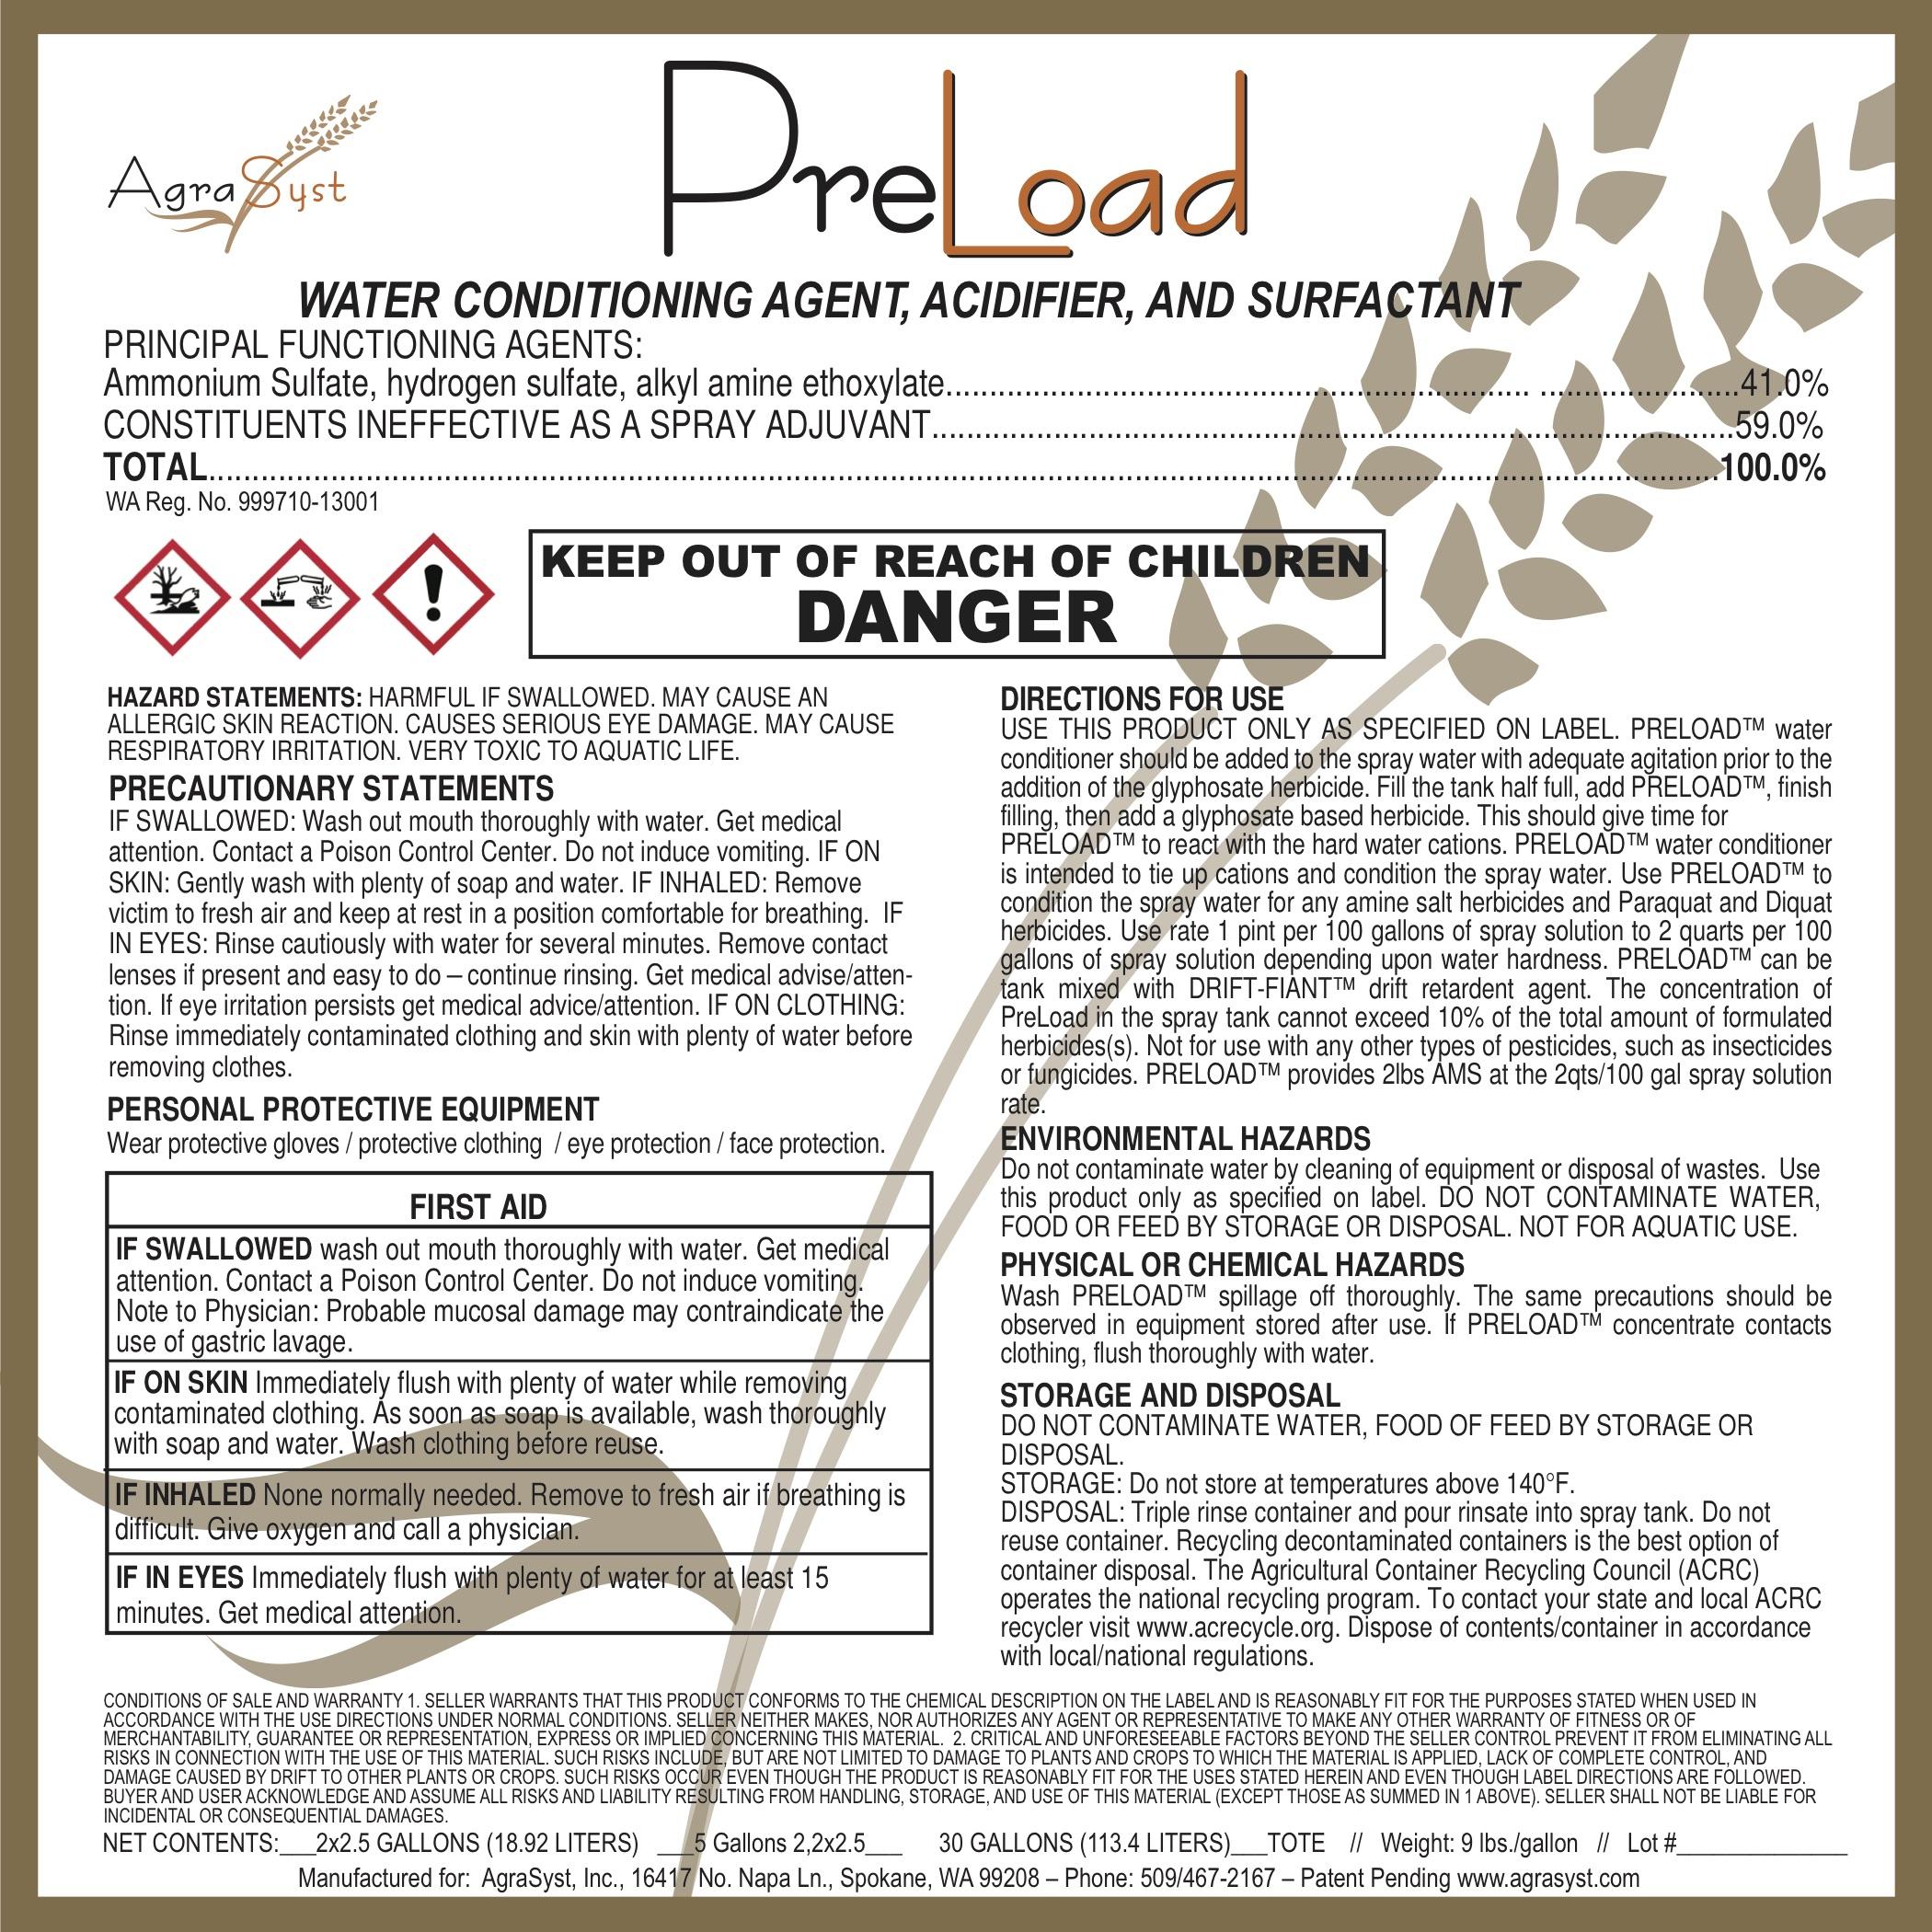 PreLoad label.jpg